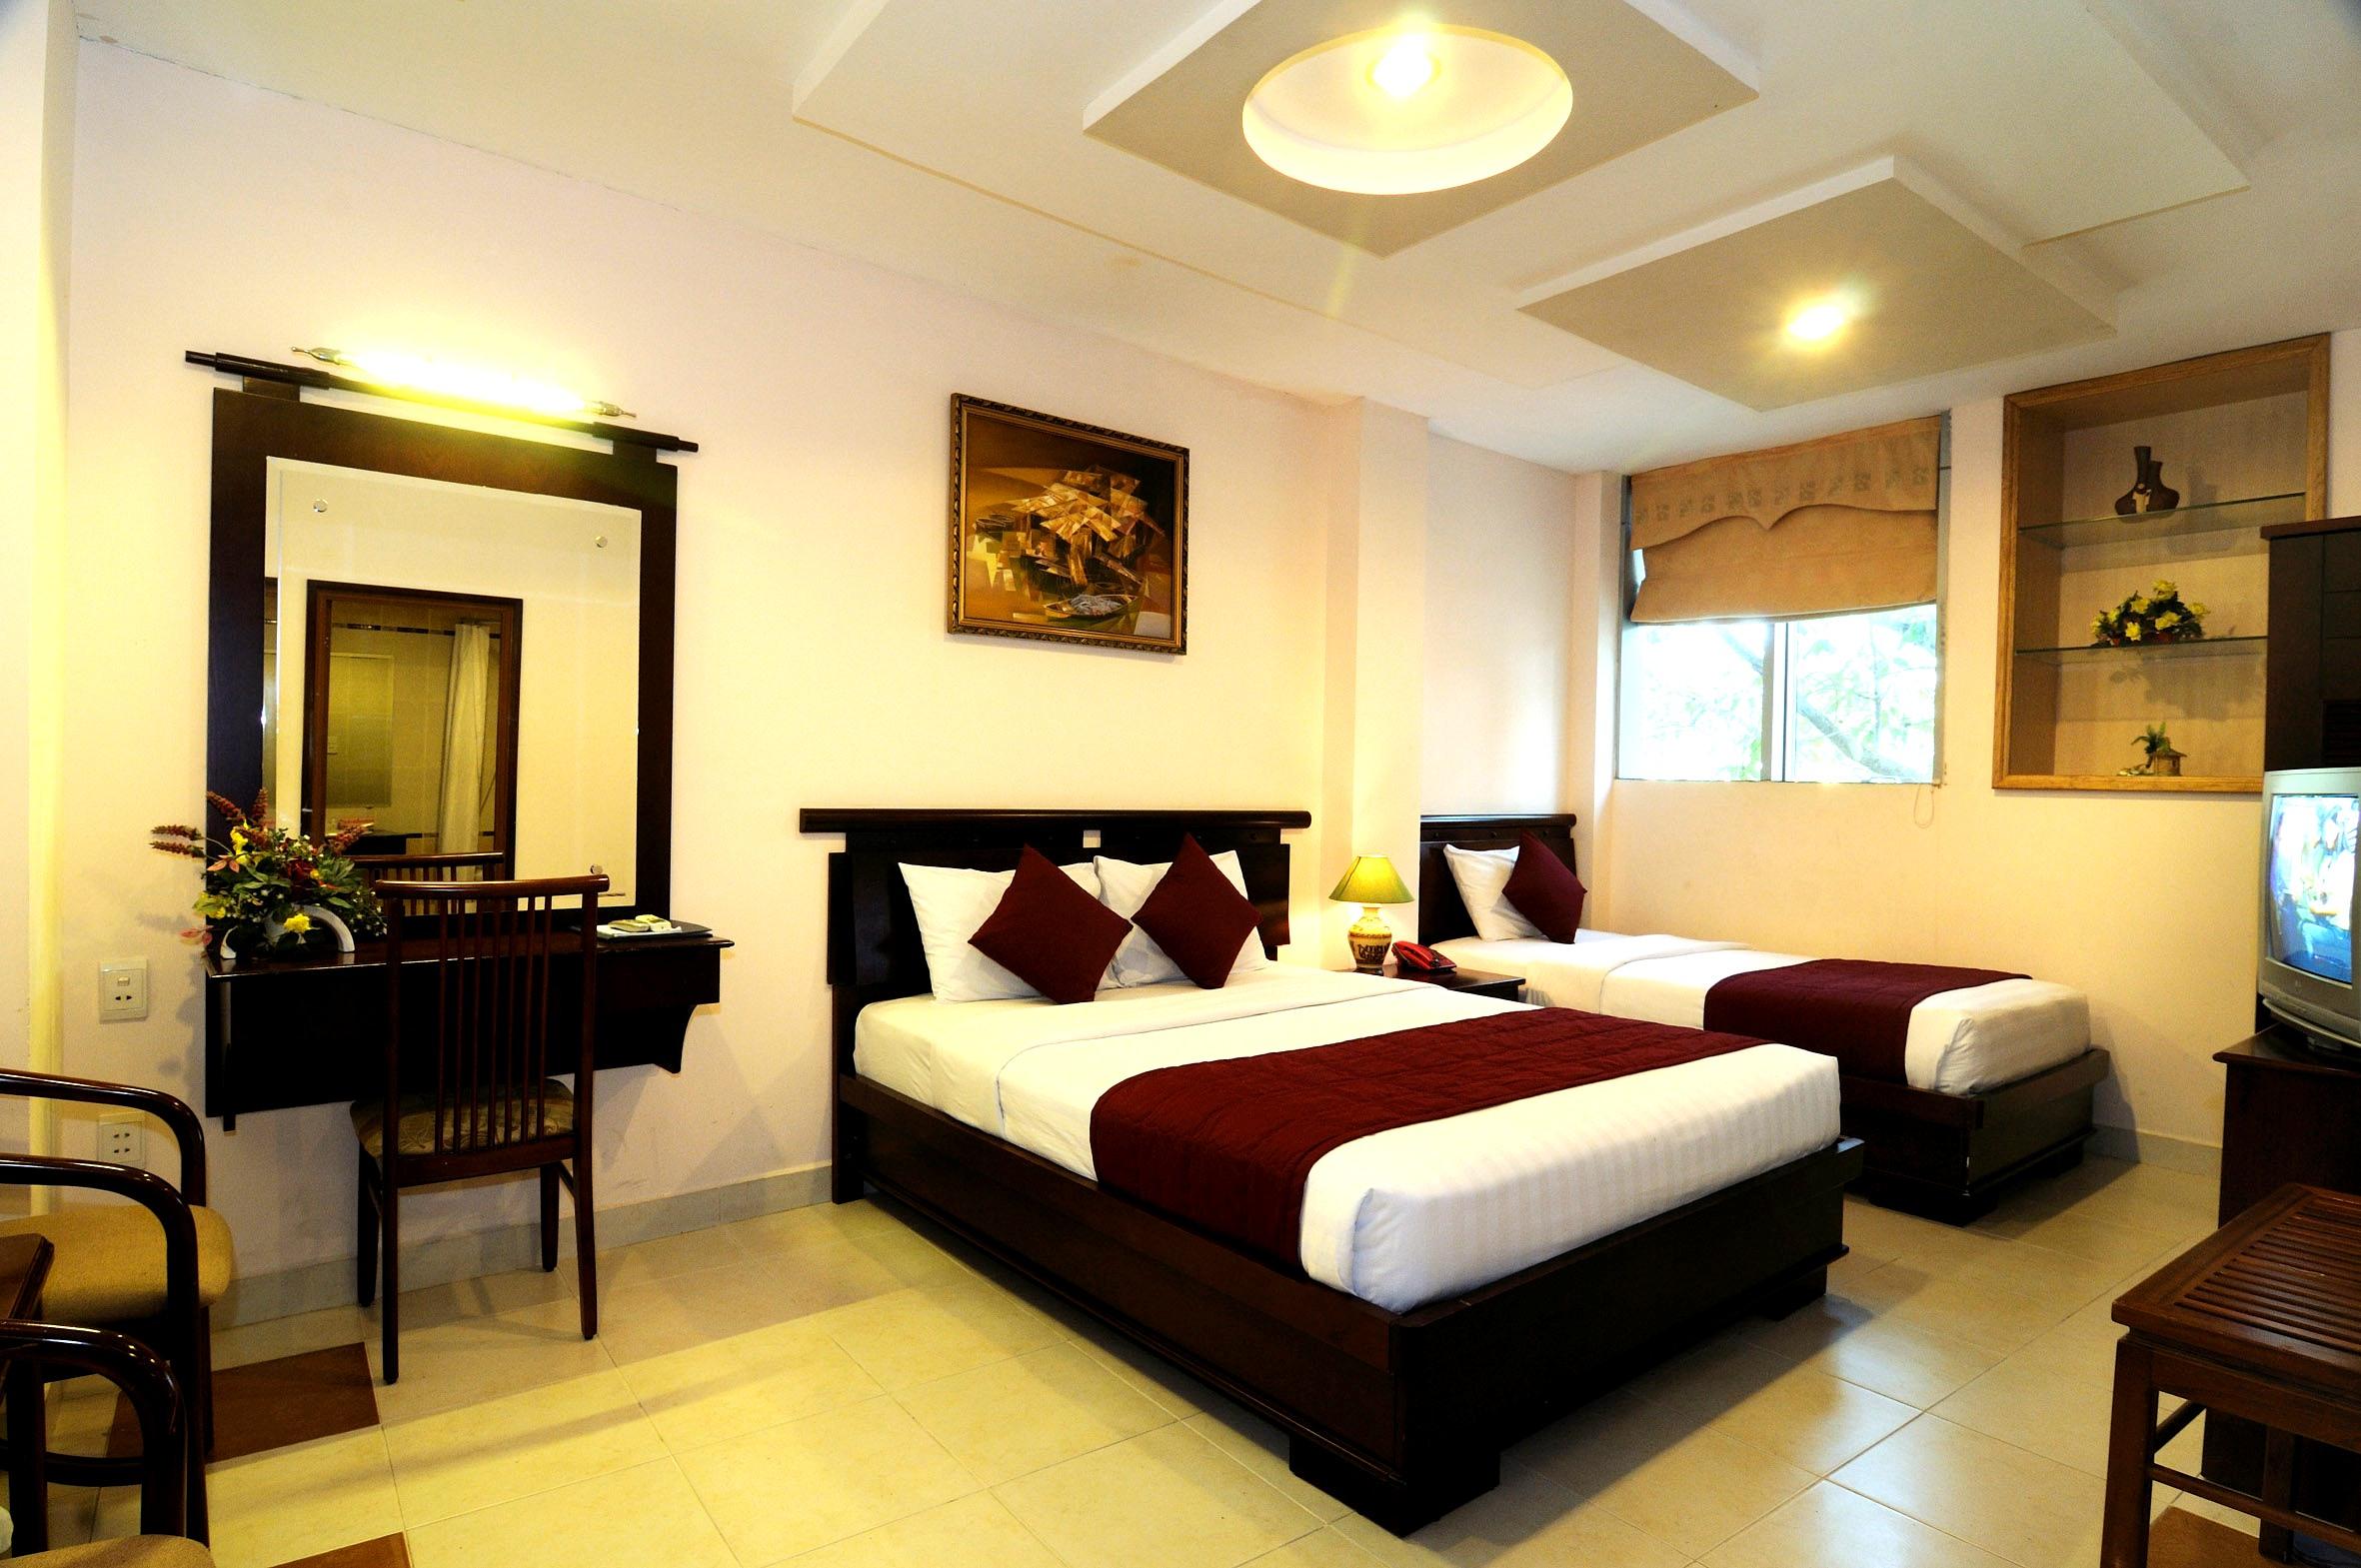 Đèn LED nội thất phòng ngủ hiện đại